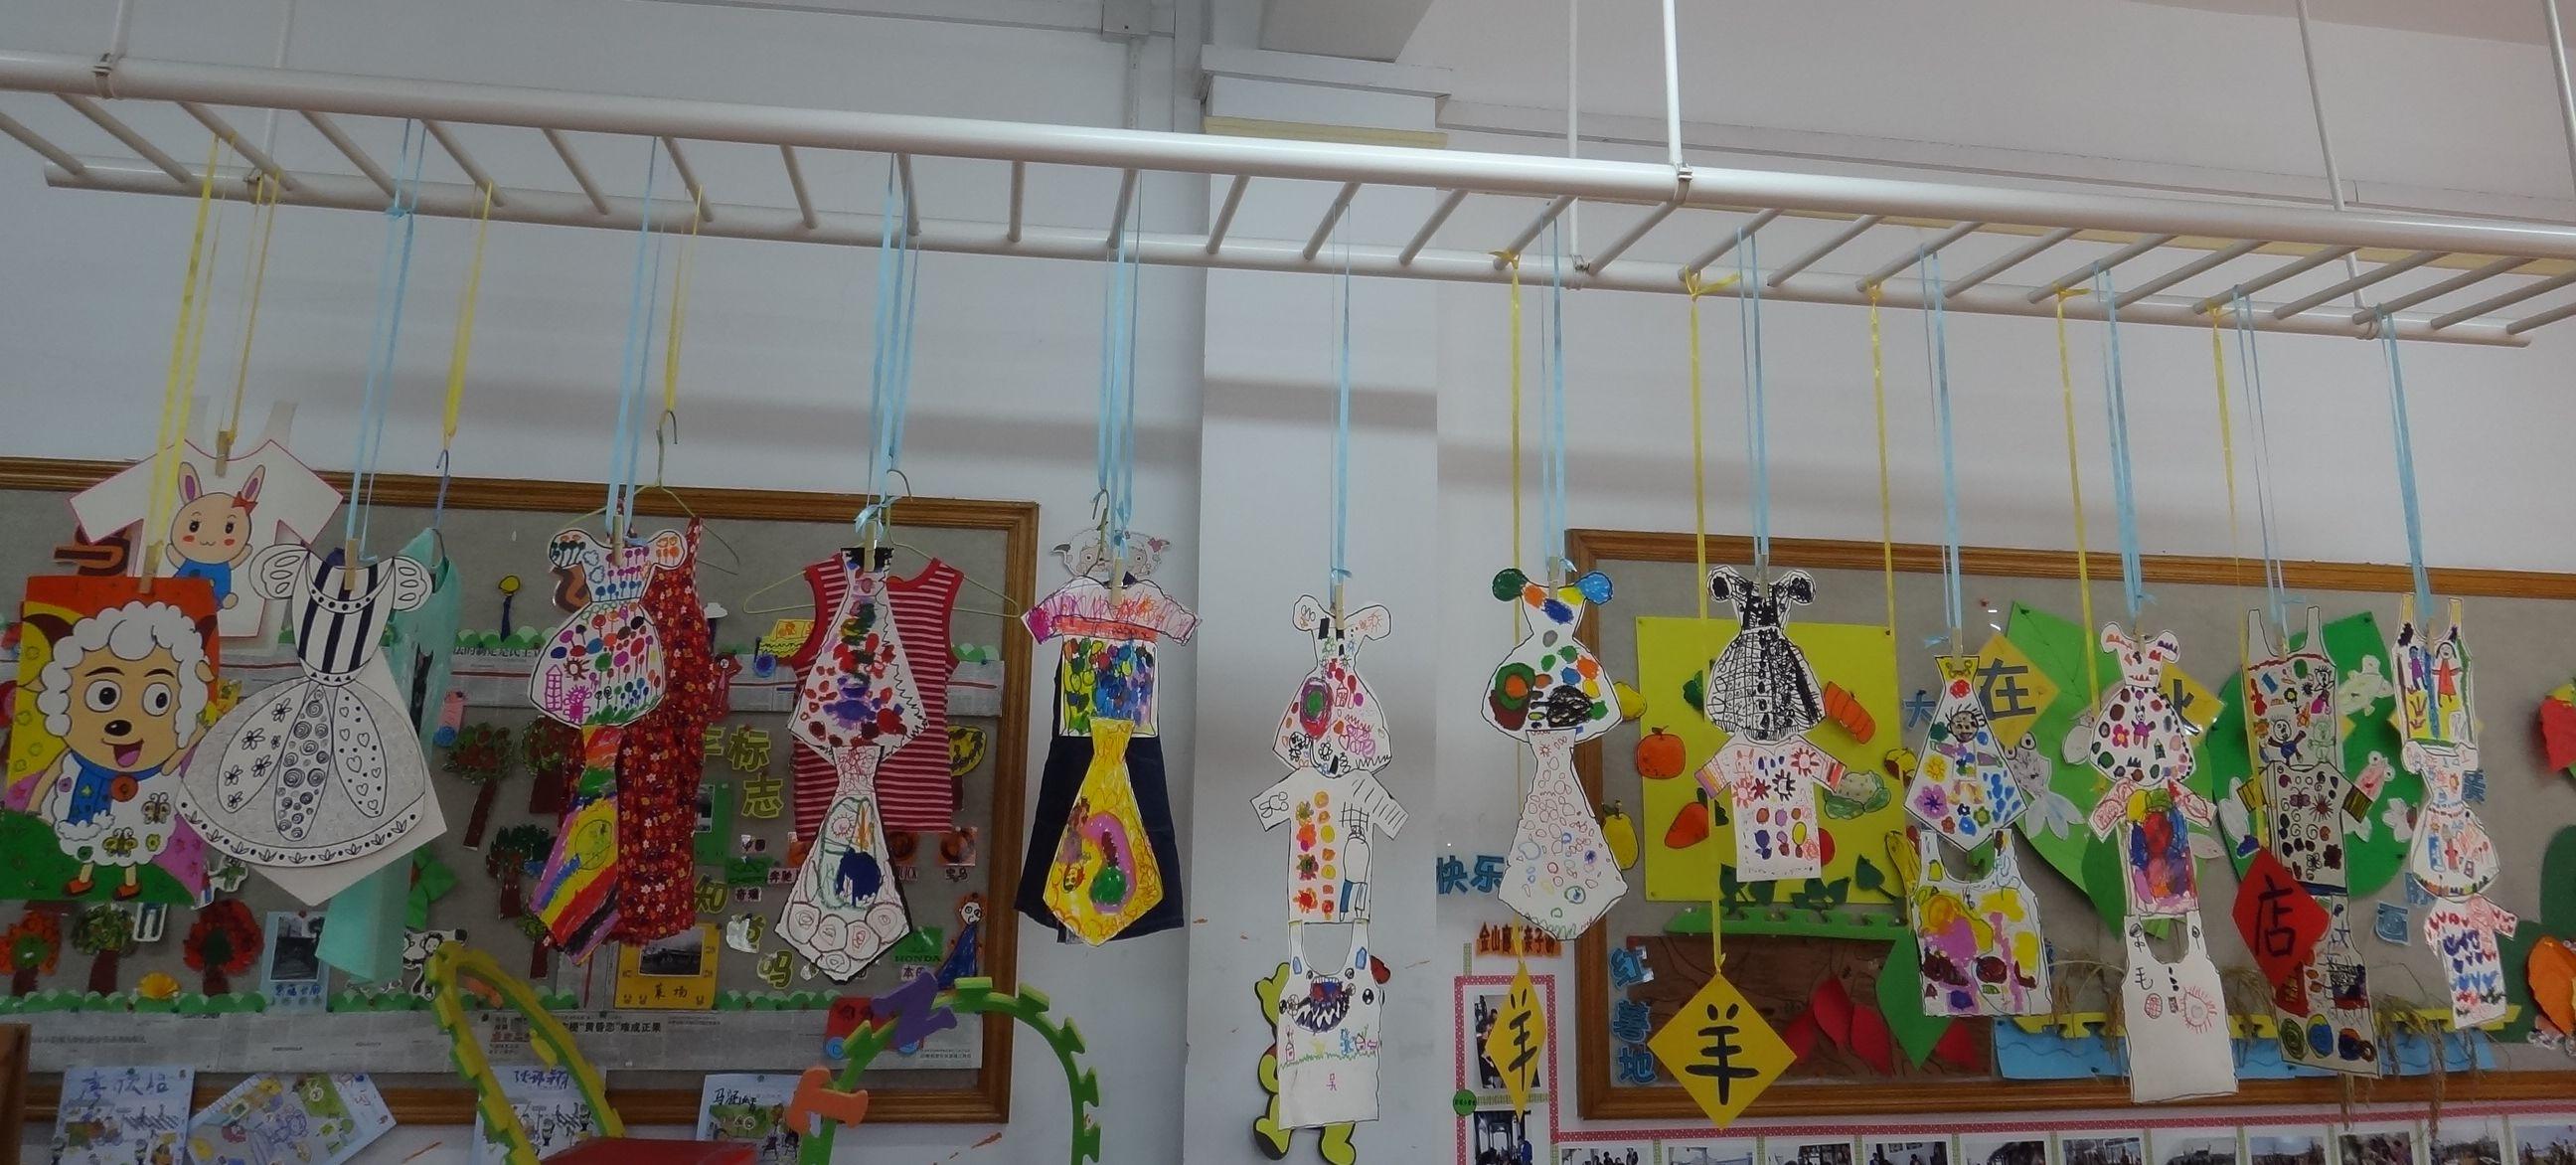 幼儿园服装主题墙图片